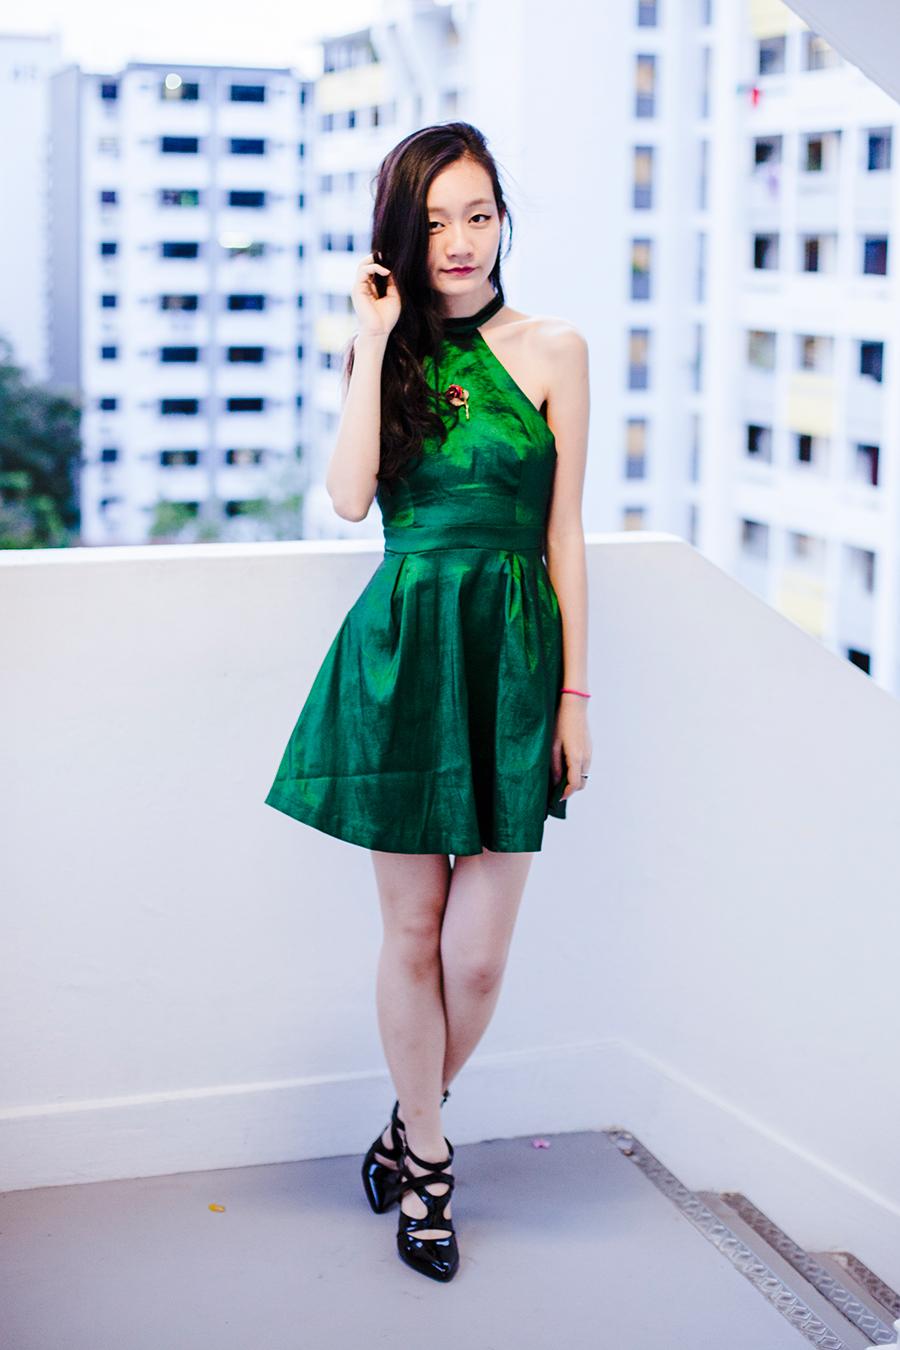 Green satin backless dress from CNDirect, vintage gold rose brooch, Sidewalk patent secret agent heels, Dressin green leaf earrings.